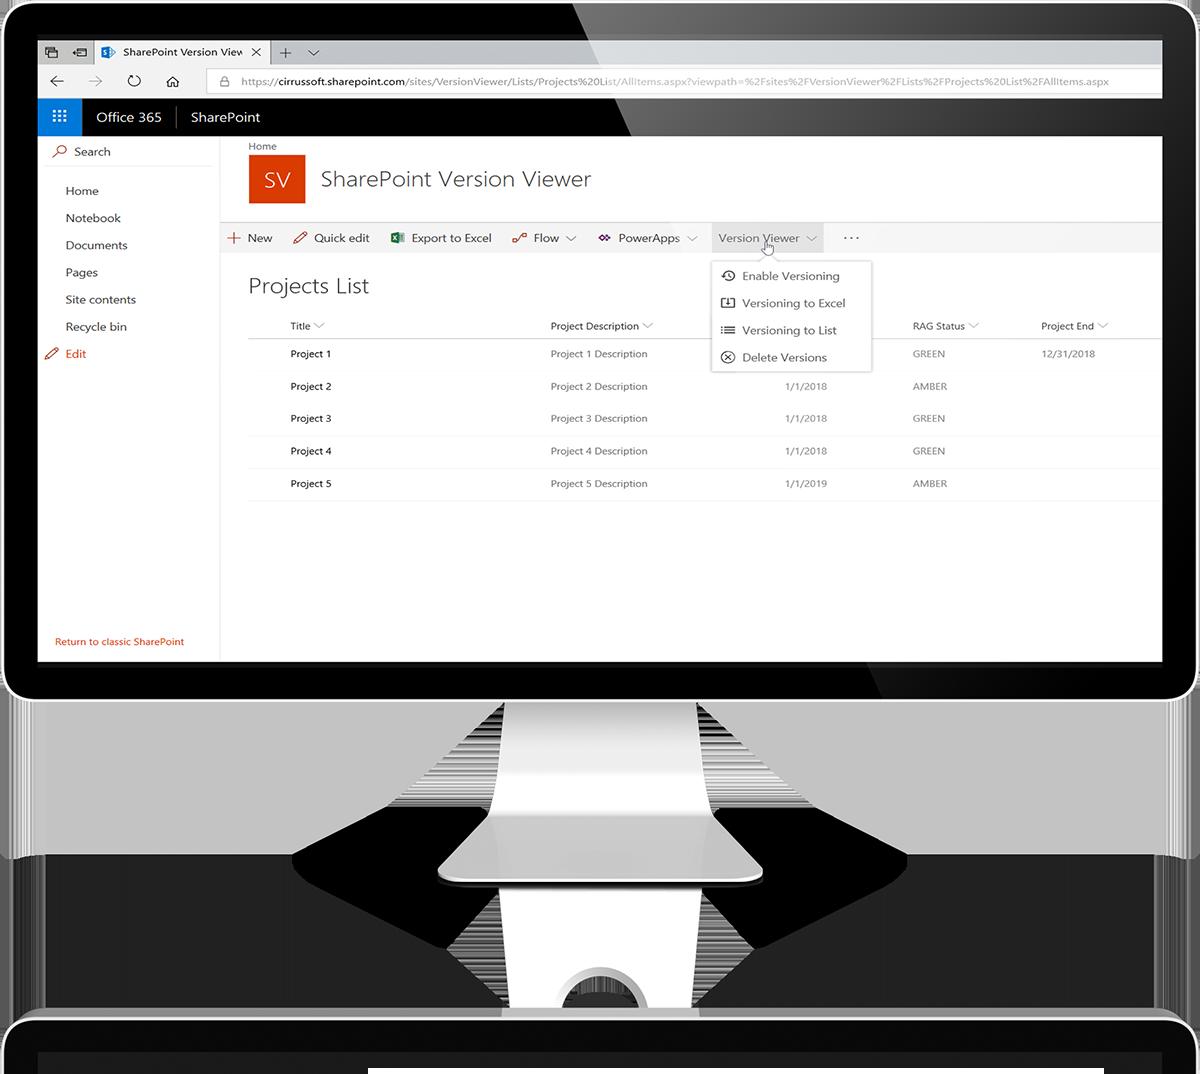 SharePoint Version viewer